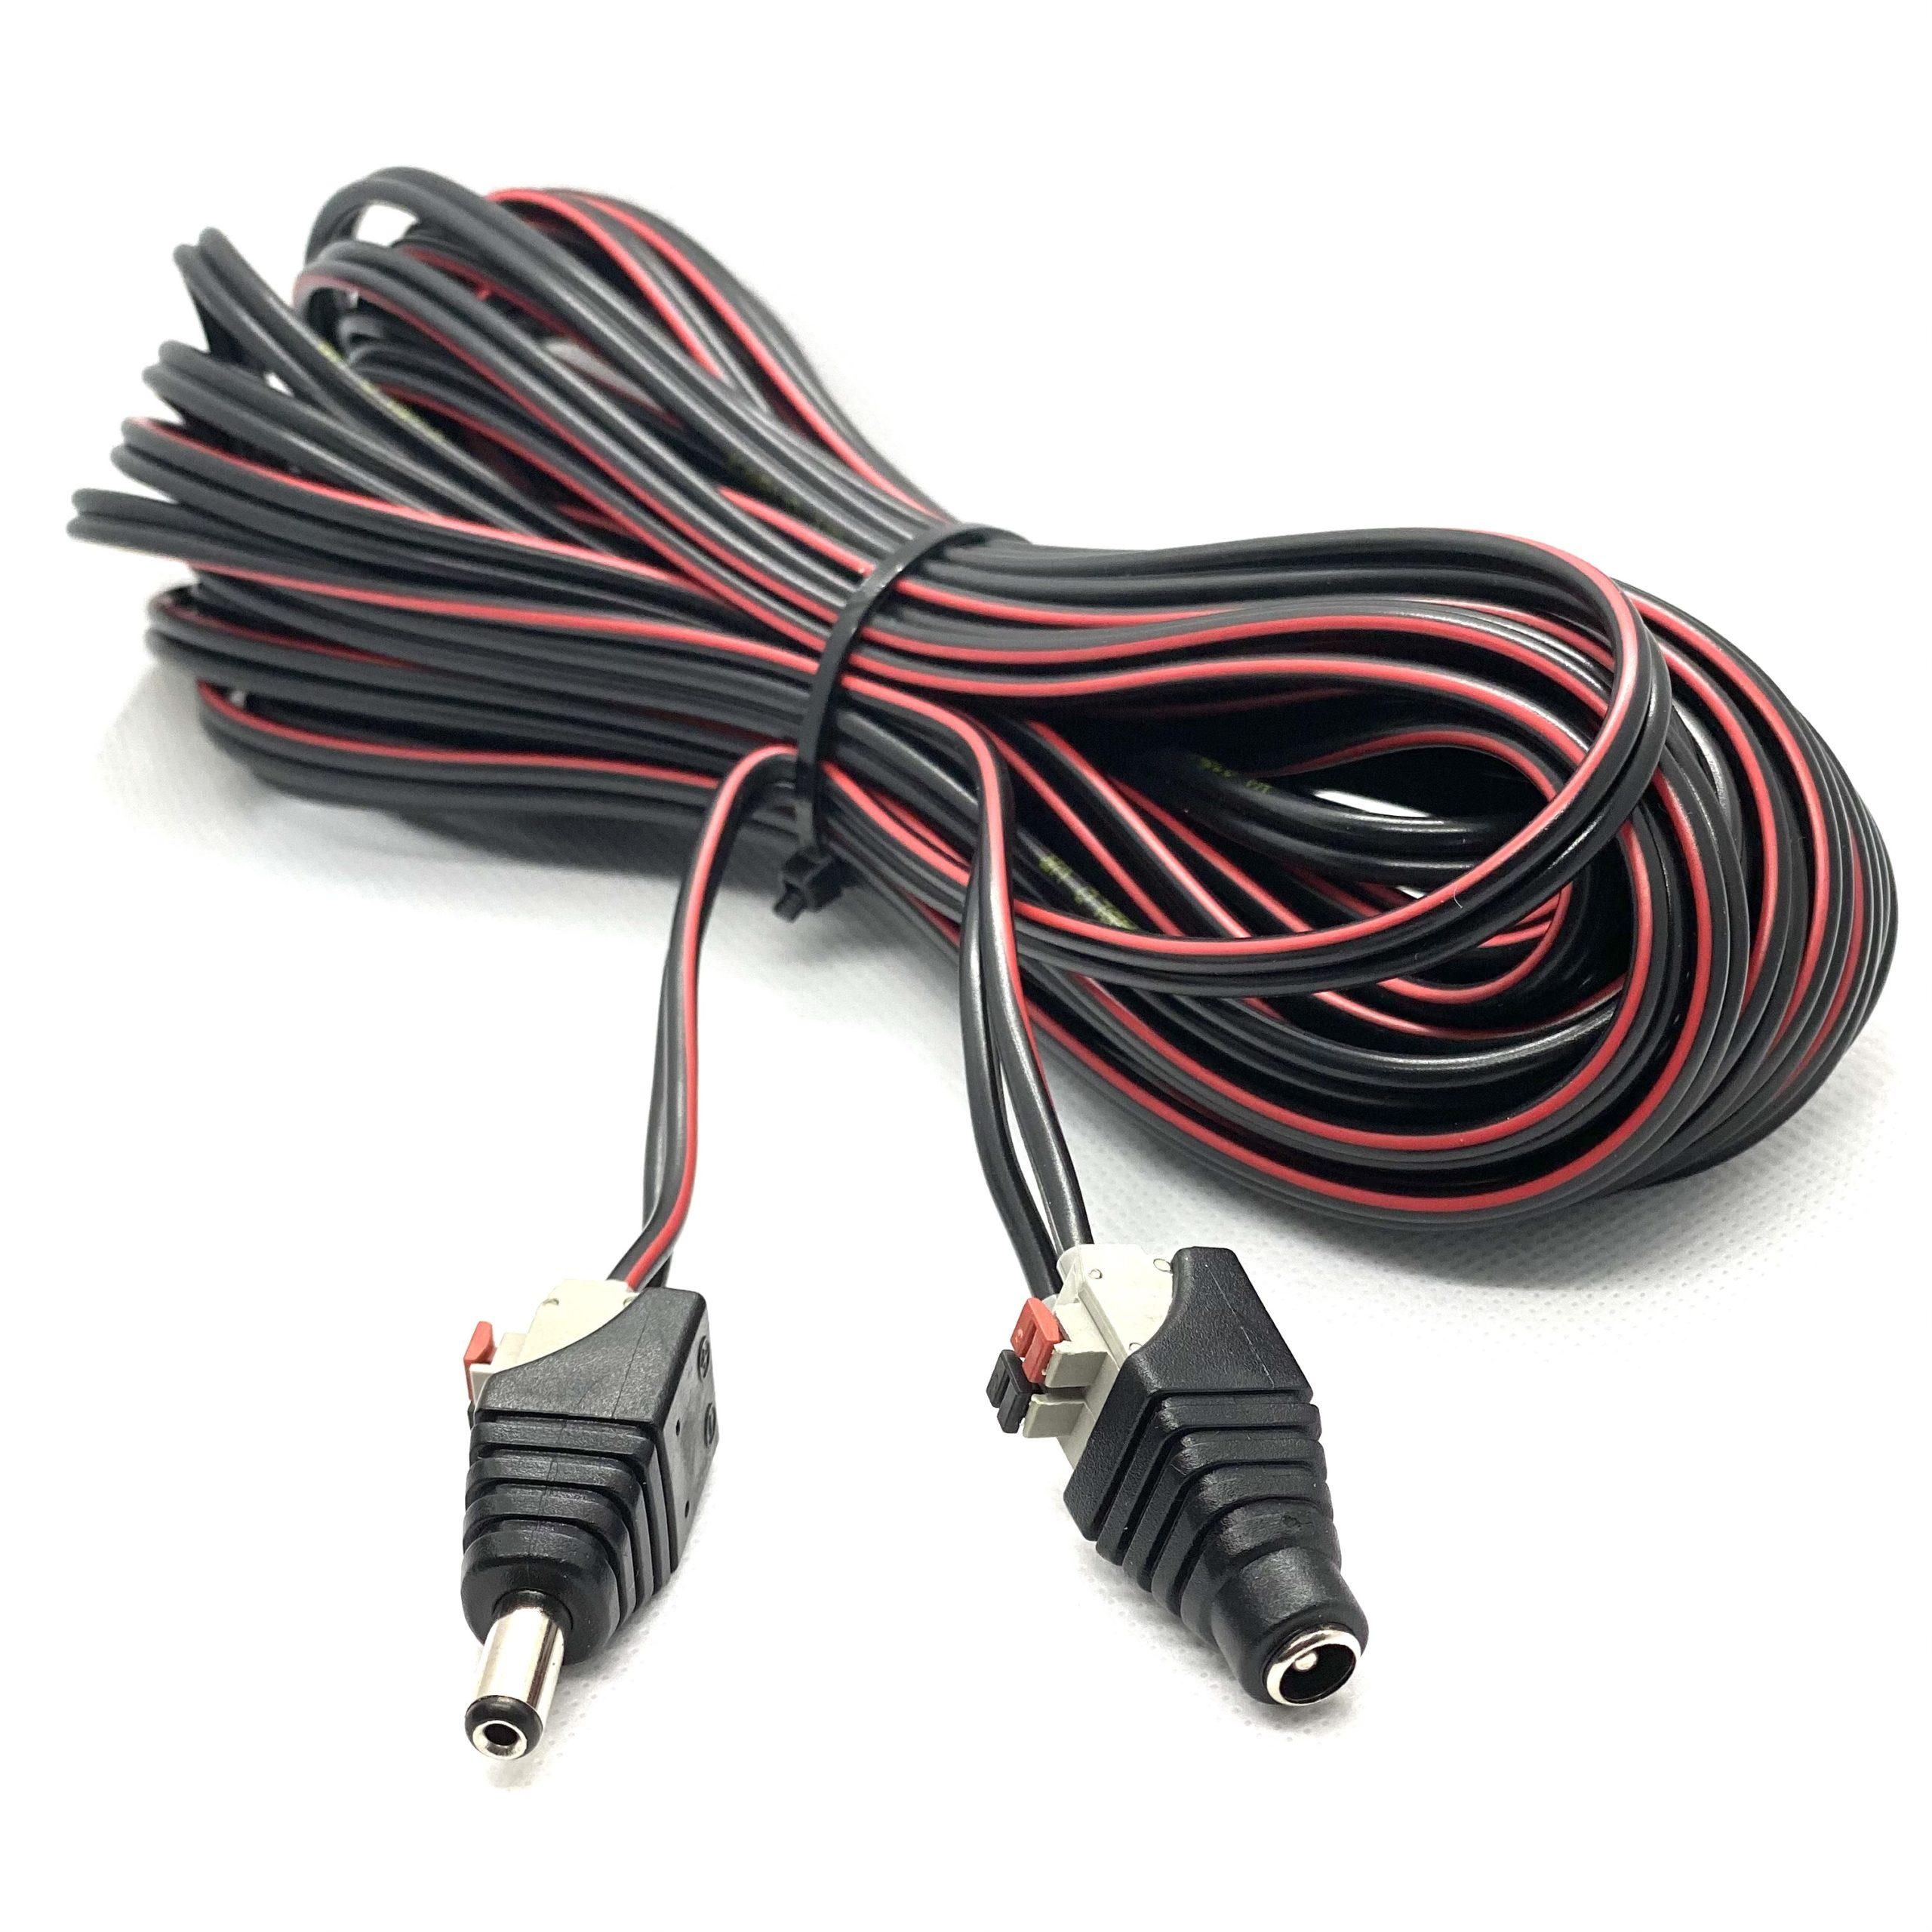 Prodlužovací kabel 10m